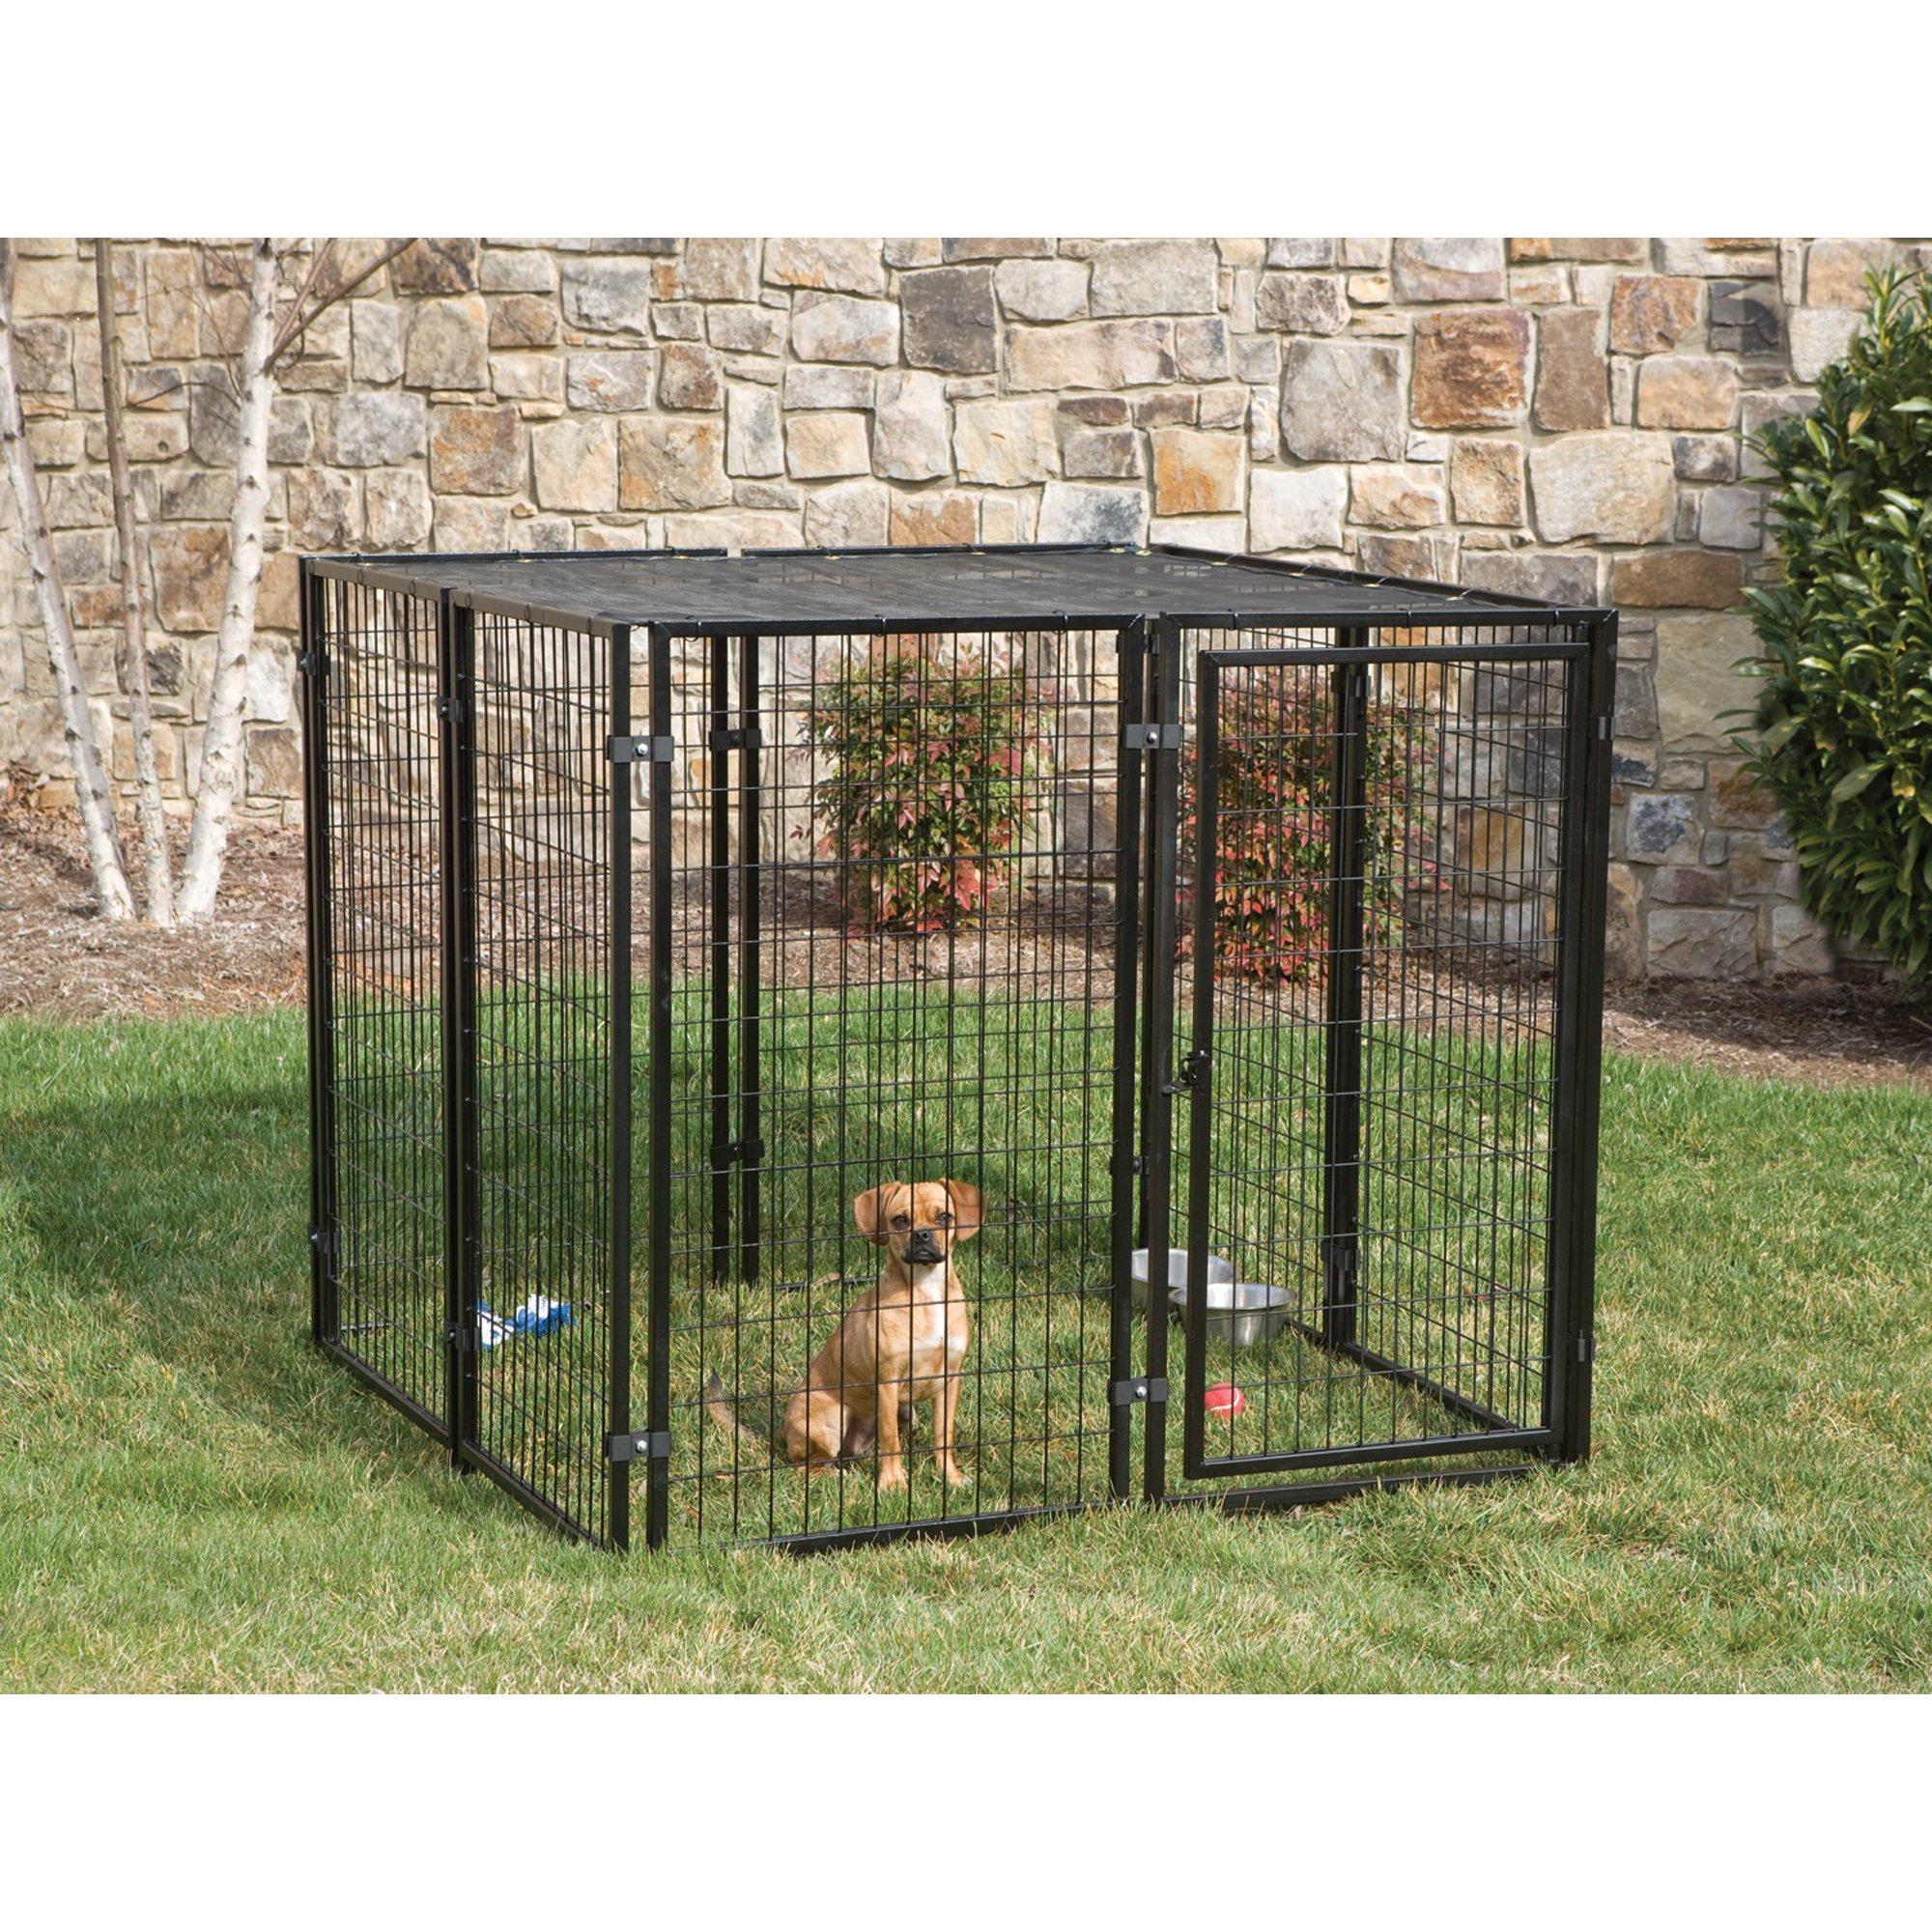 Fencemaster Cottageview Dog Kennel Petco Dog Kennel Outdoor Dog Enclosures Dog Kennel